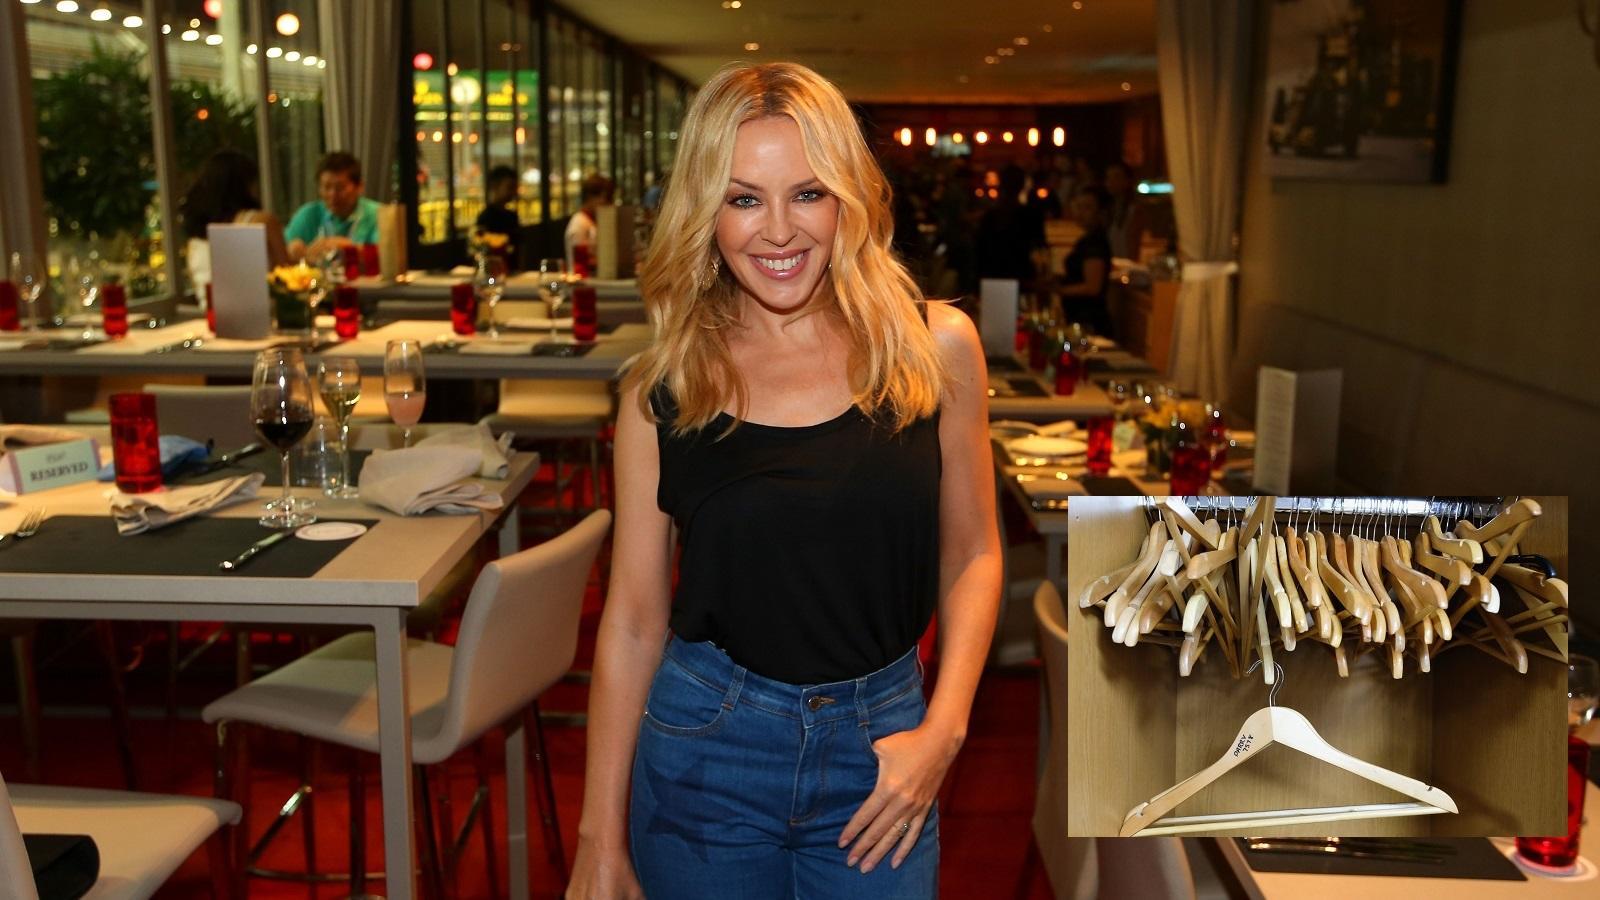 """Kylie Minogue imád öltözködni, mint minden nő, ezért lehet különösen borzasztó az ő fóbiájával élni: az ausztrál pacsirta ugyanis a vállfáktól retteg. """"Nem bírom a hangot, amit kiadnak, amikor beteszik őket a szekrénybe"""" - nyilatkozta. A ruhái éppen ezért kizárólag fiókokban illetve kiterítve hajlandó tárolni."""